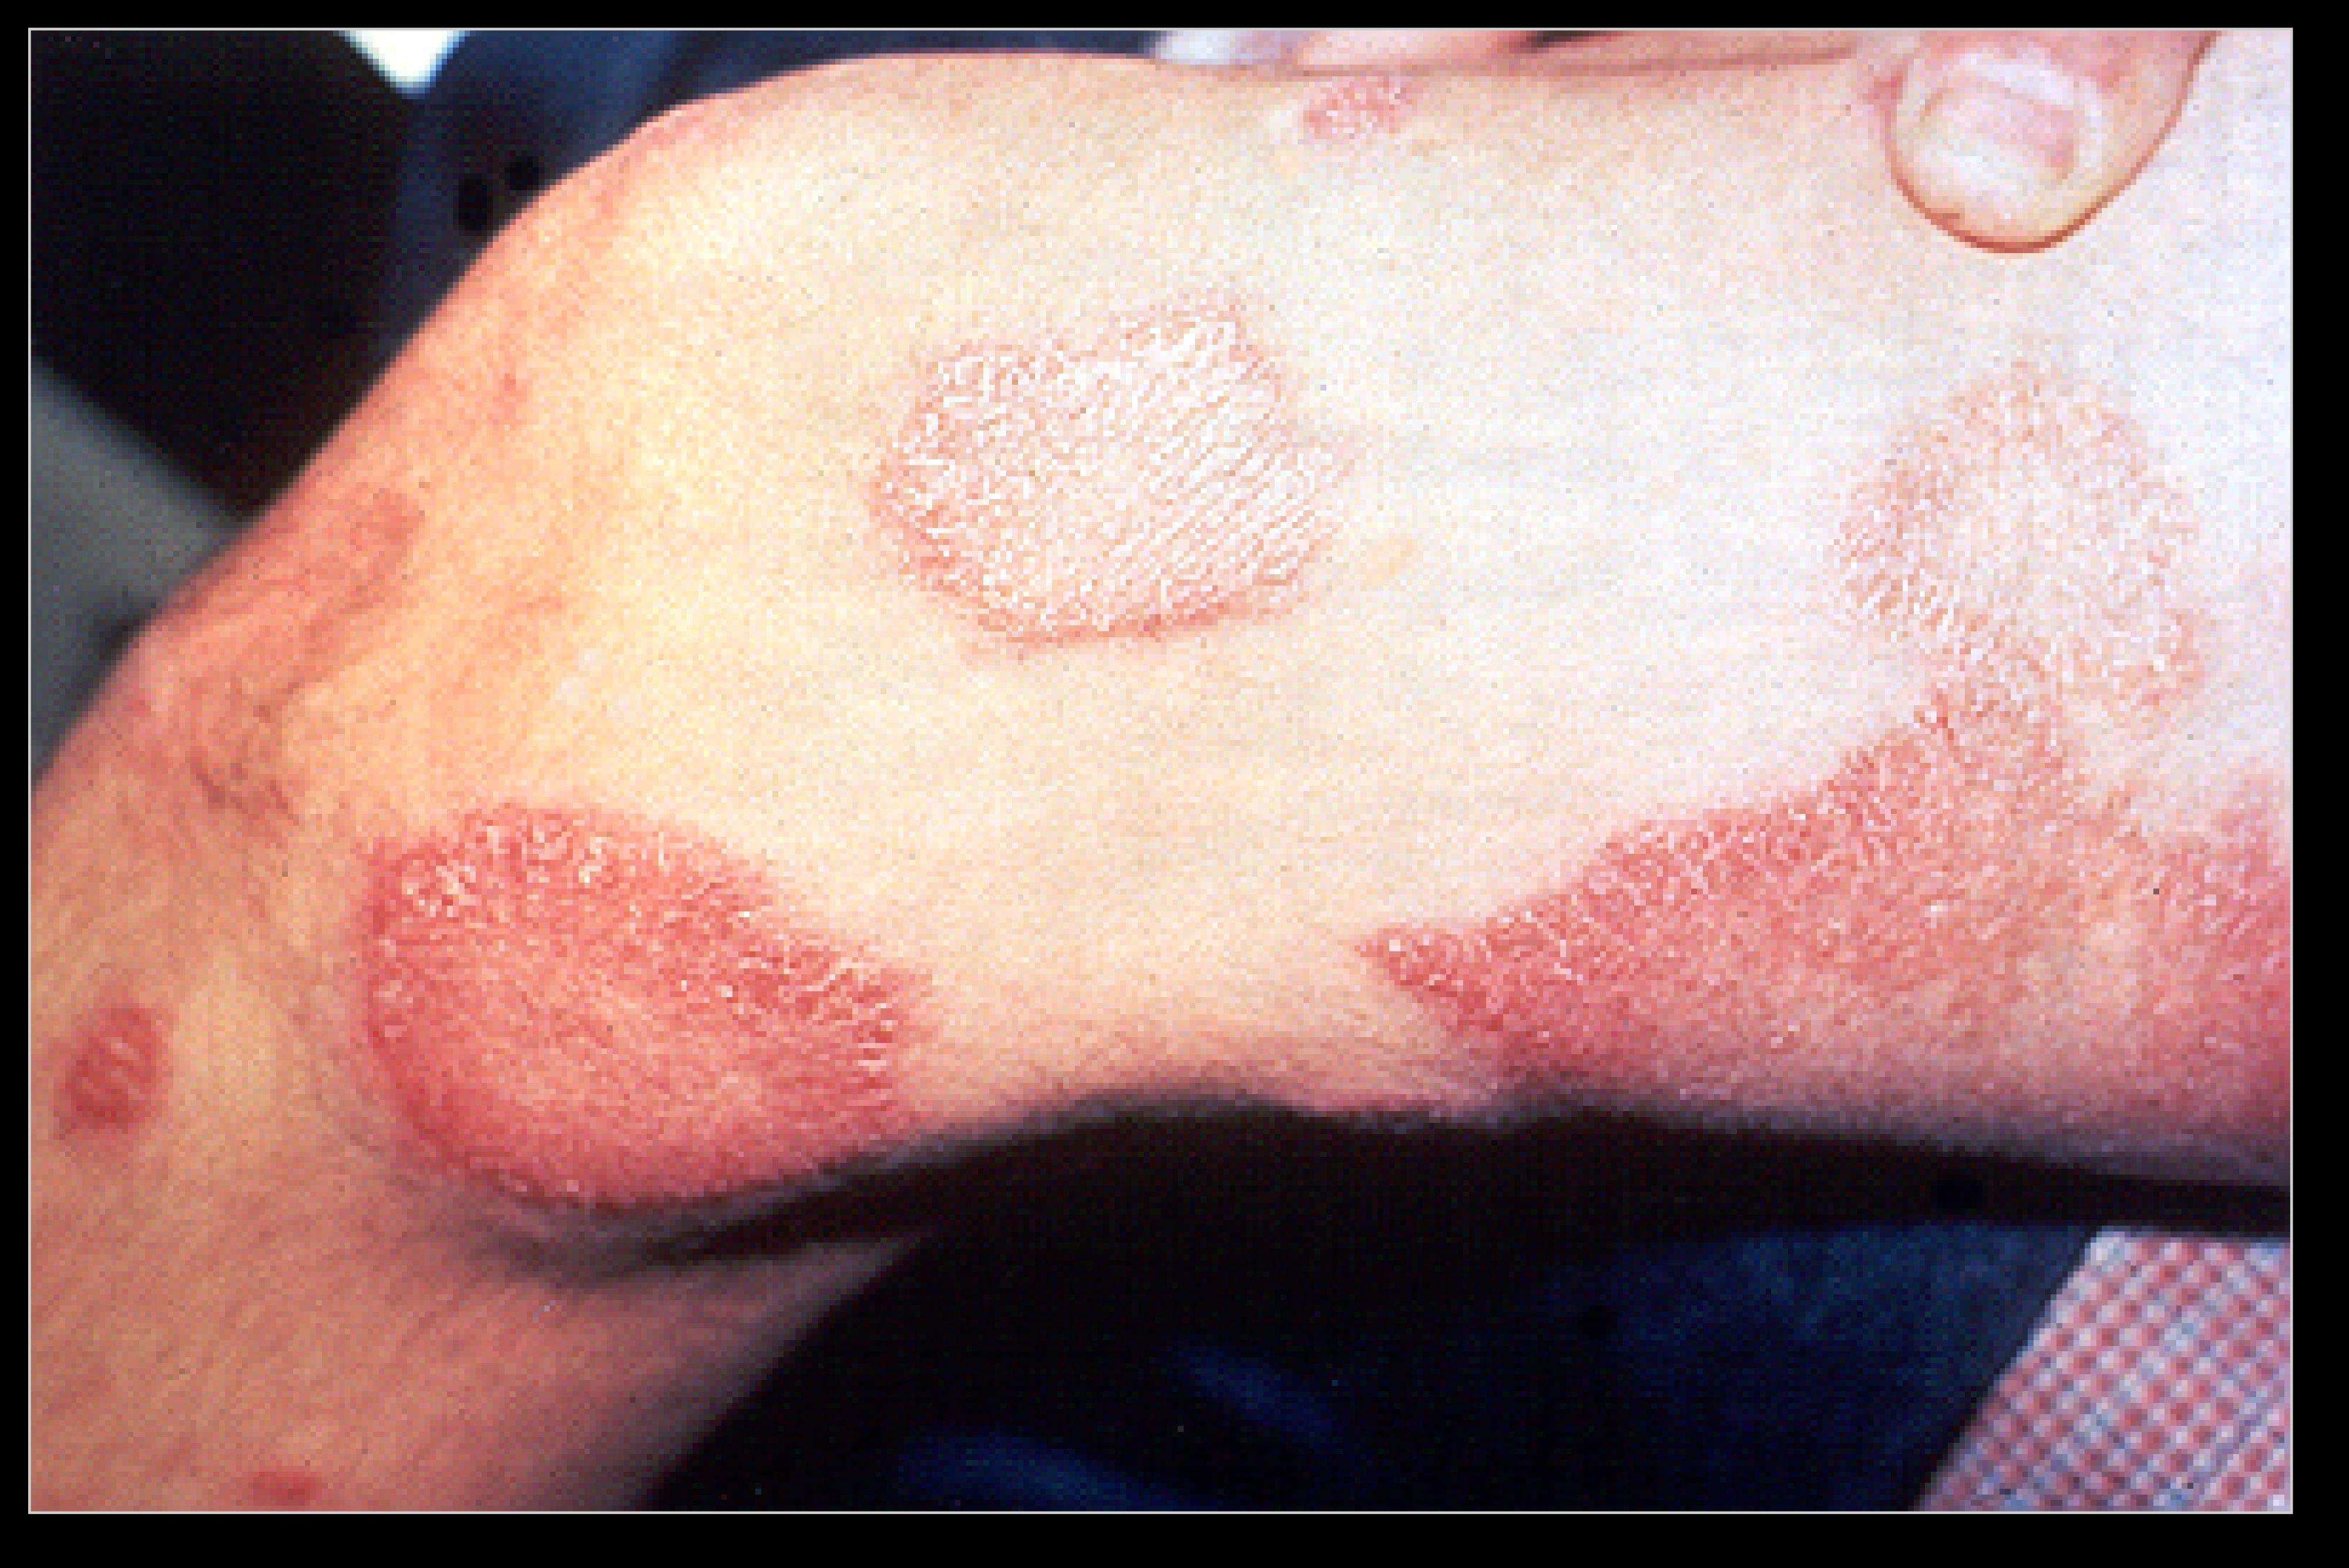 El CIE premia la lucha contra la lepra